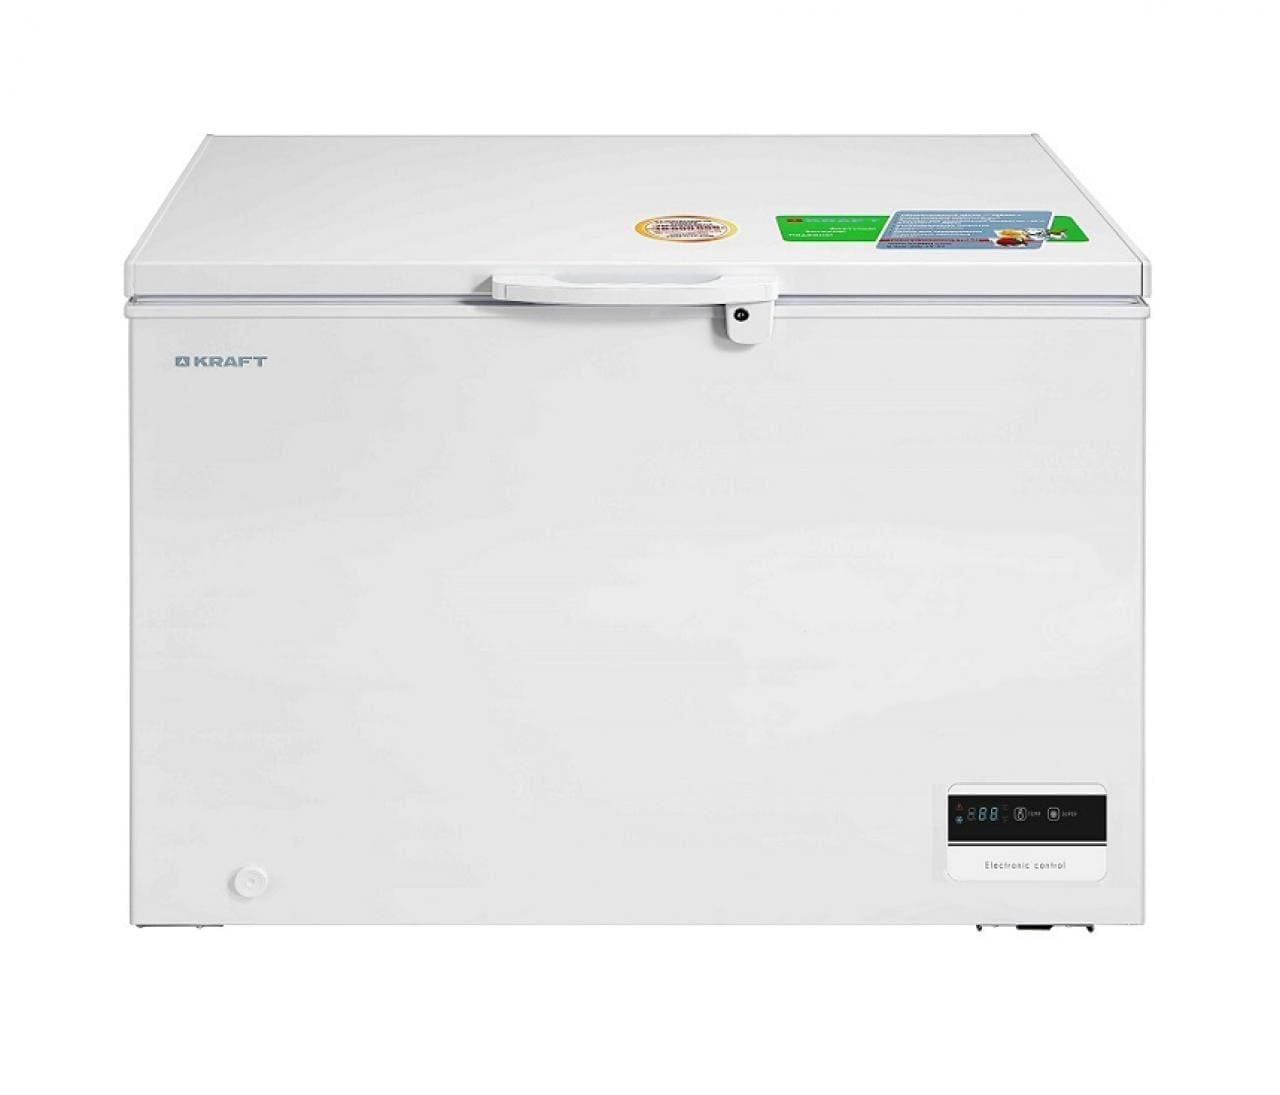 Морозильный ларь в аренду 325 л Kraft, температурный режим -18...-20C градусов, белый, глухая крышка